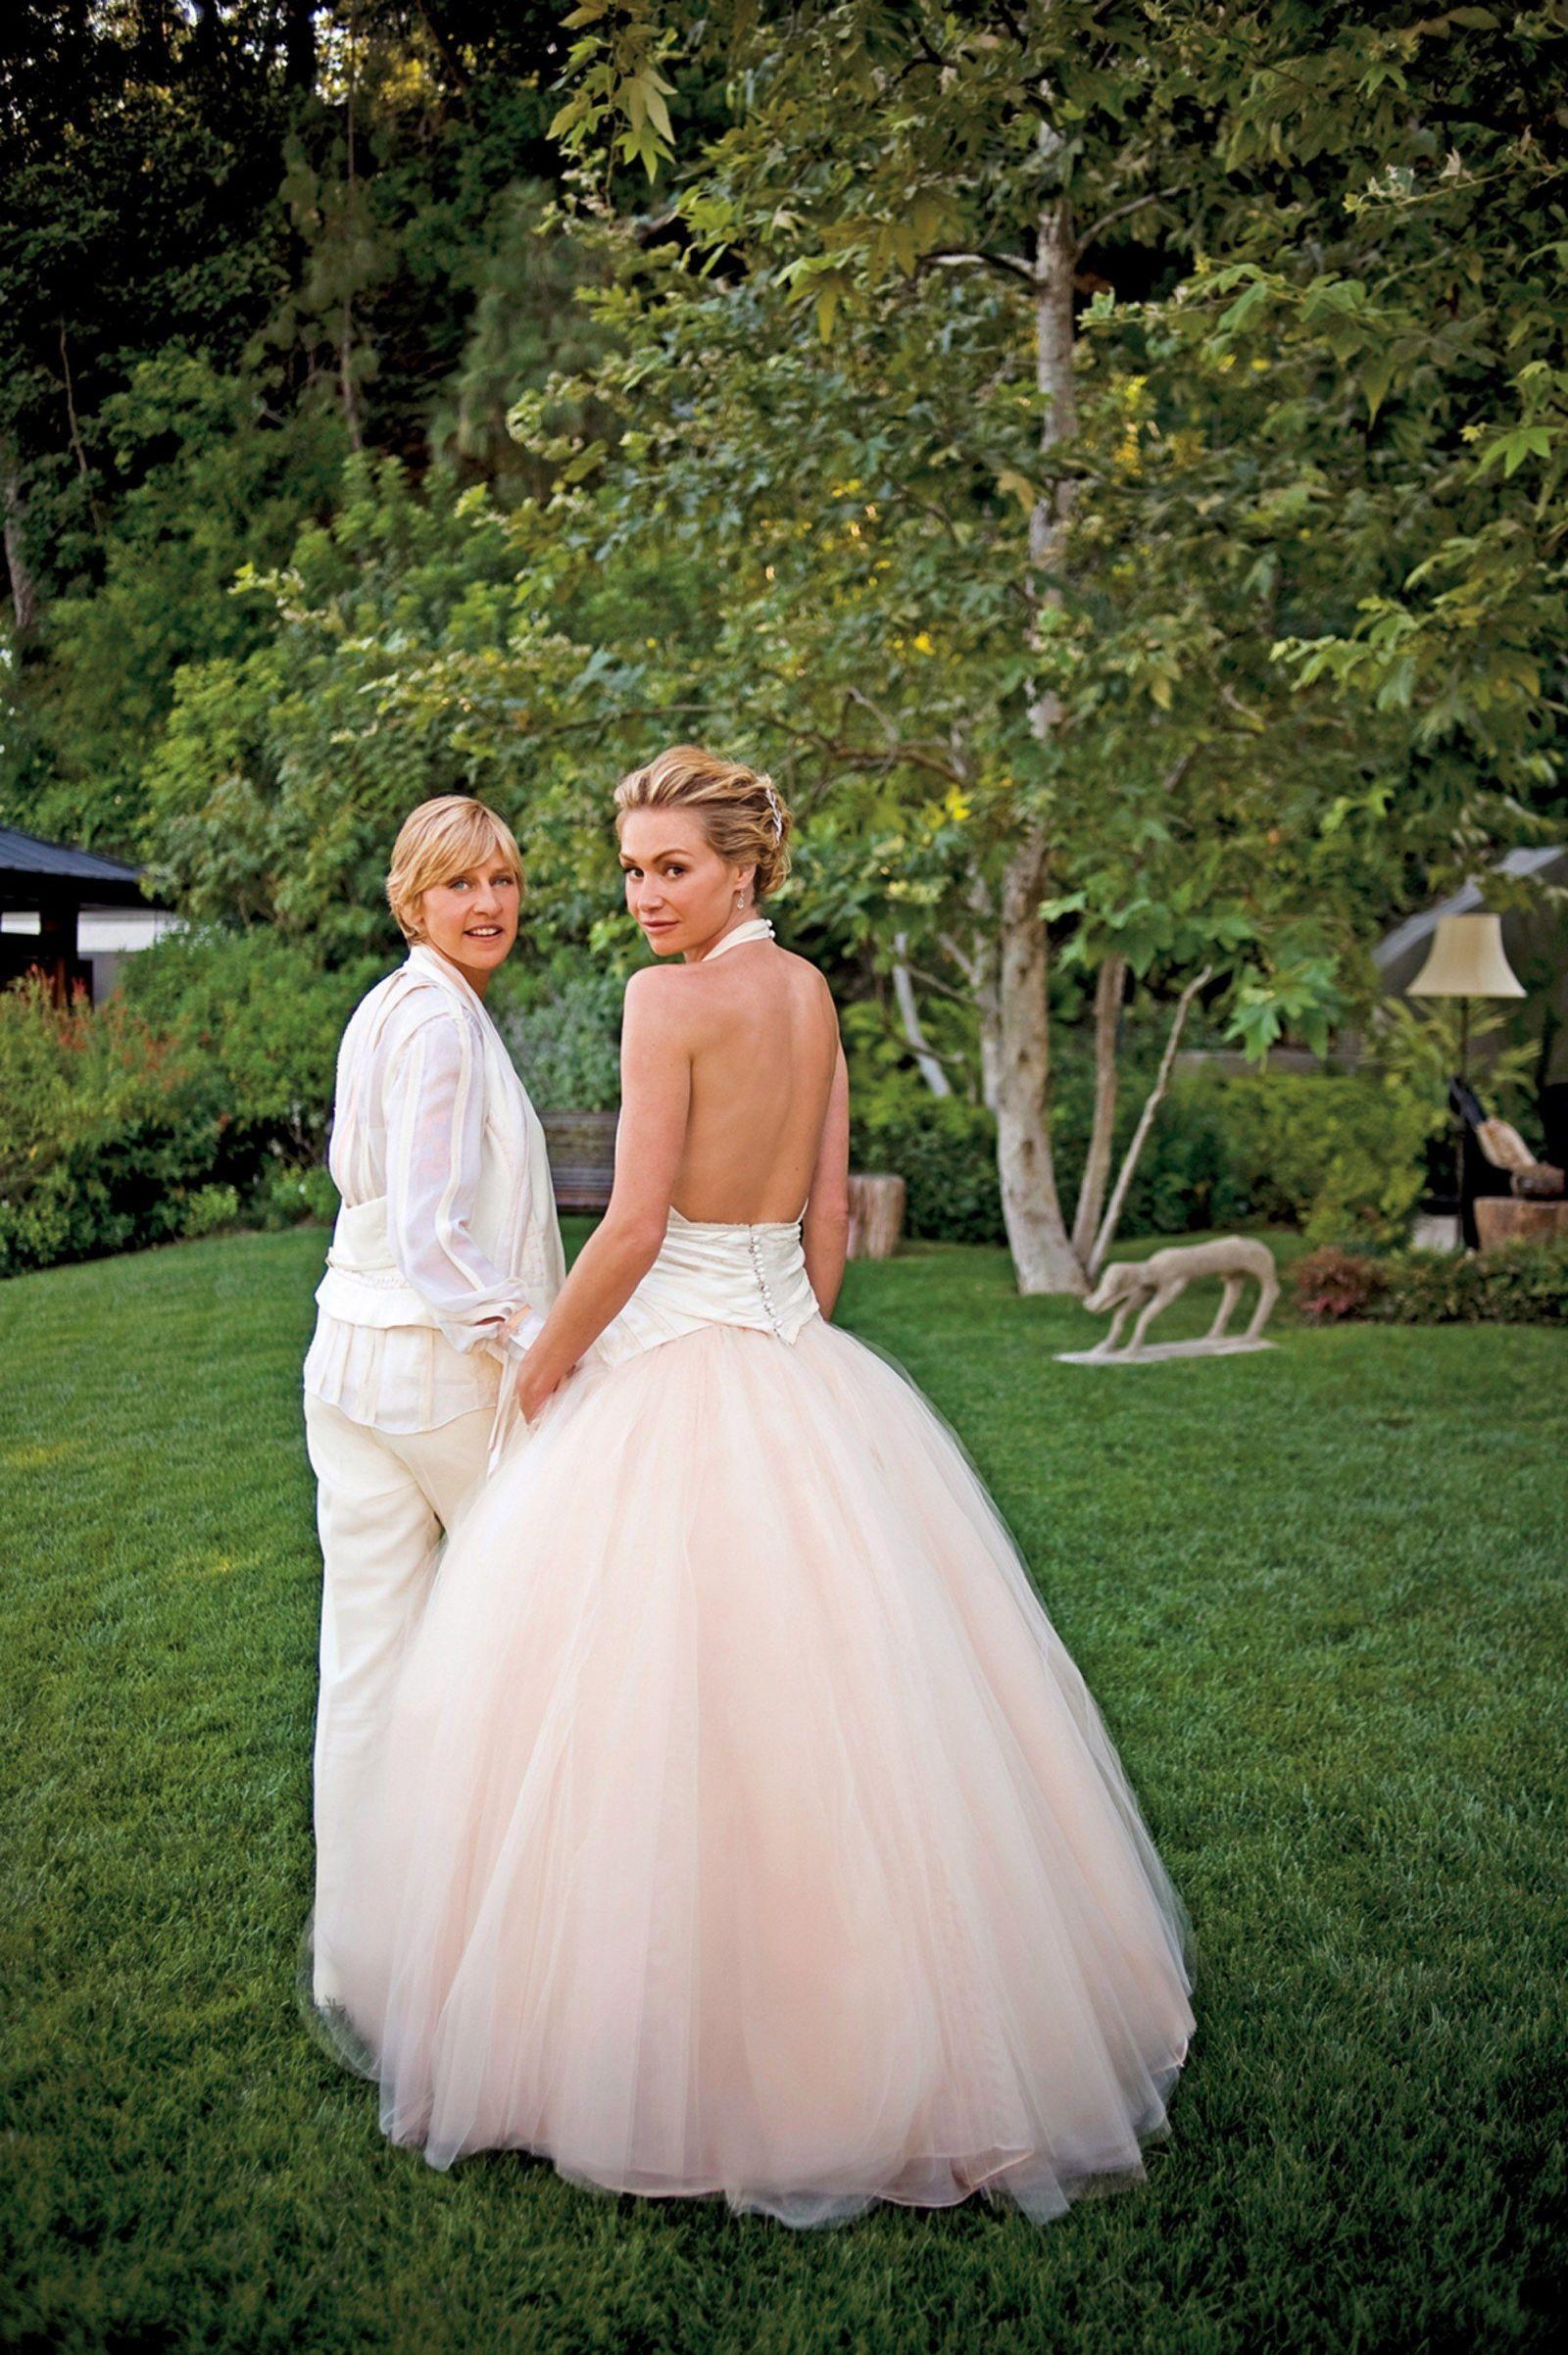 Ellen Degeneres and Portia De Rossi Love Story Are Ellen Degeneres